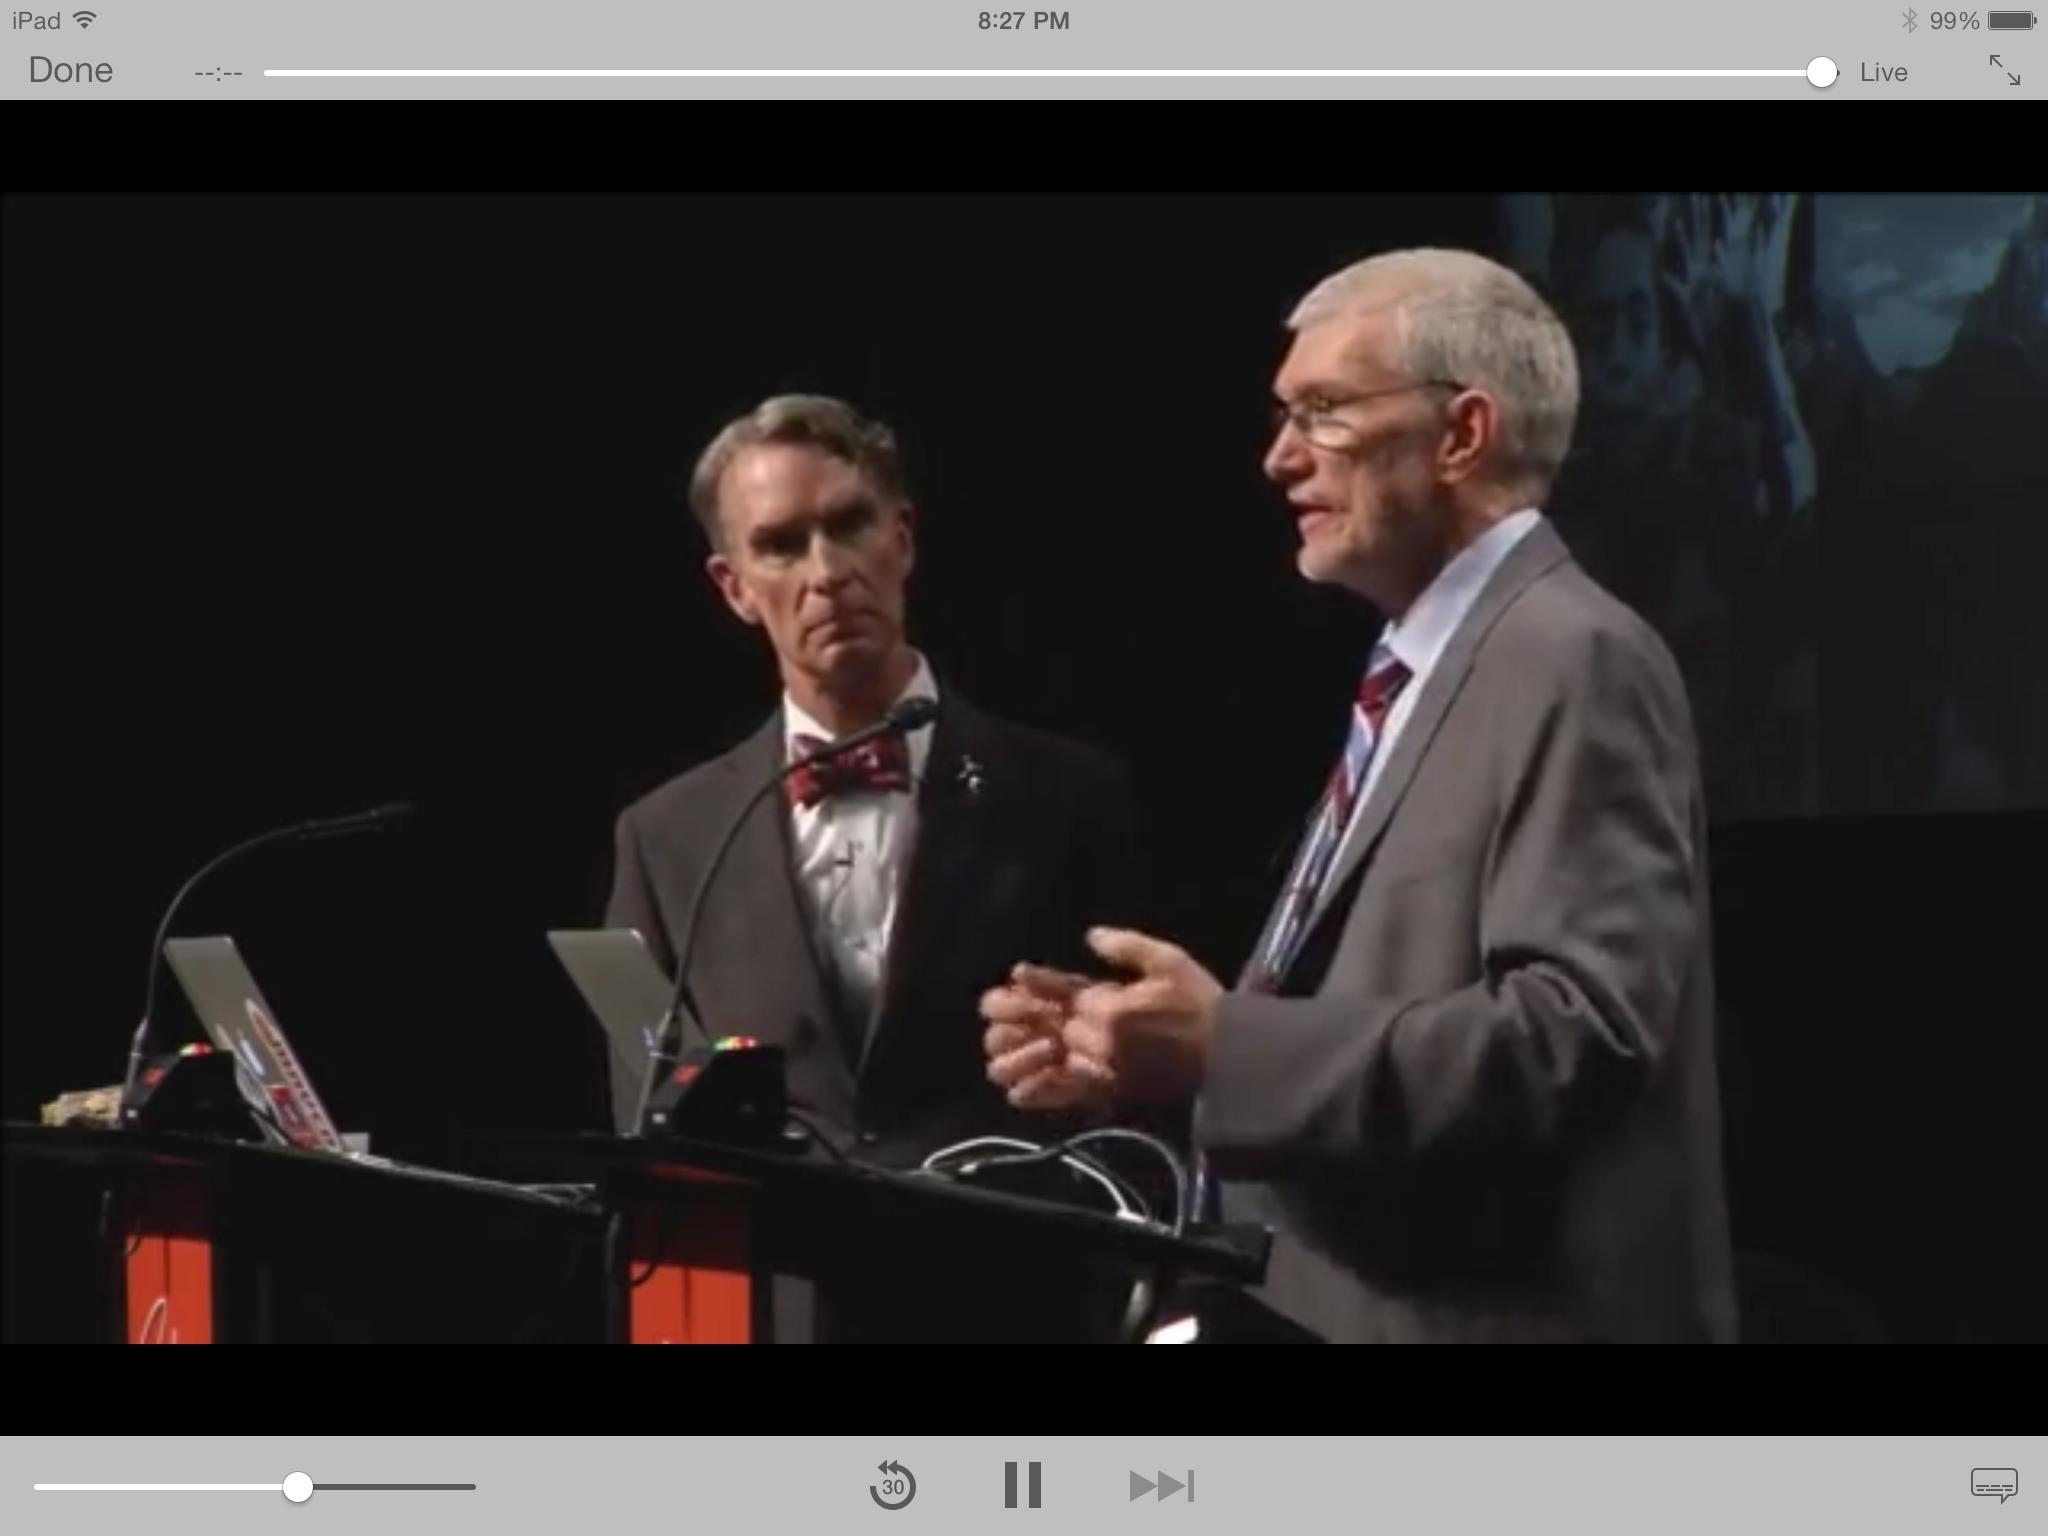 science feb bill nye science debate australian creationist ken ham